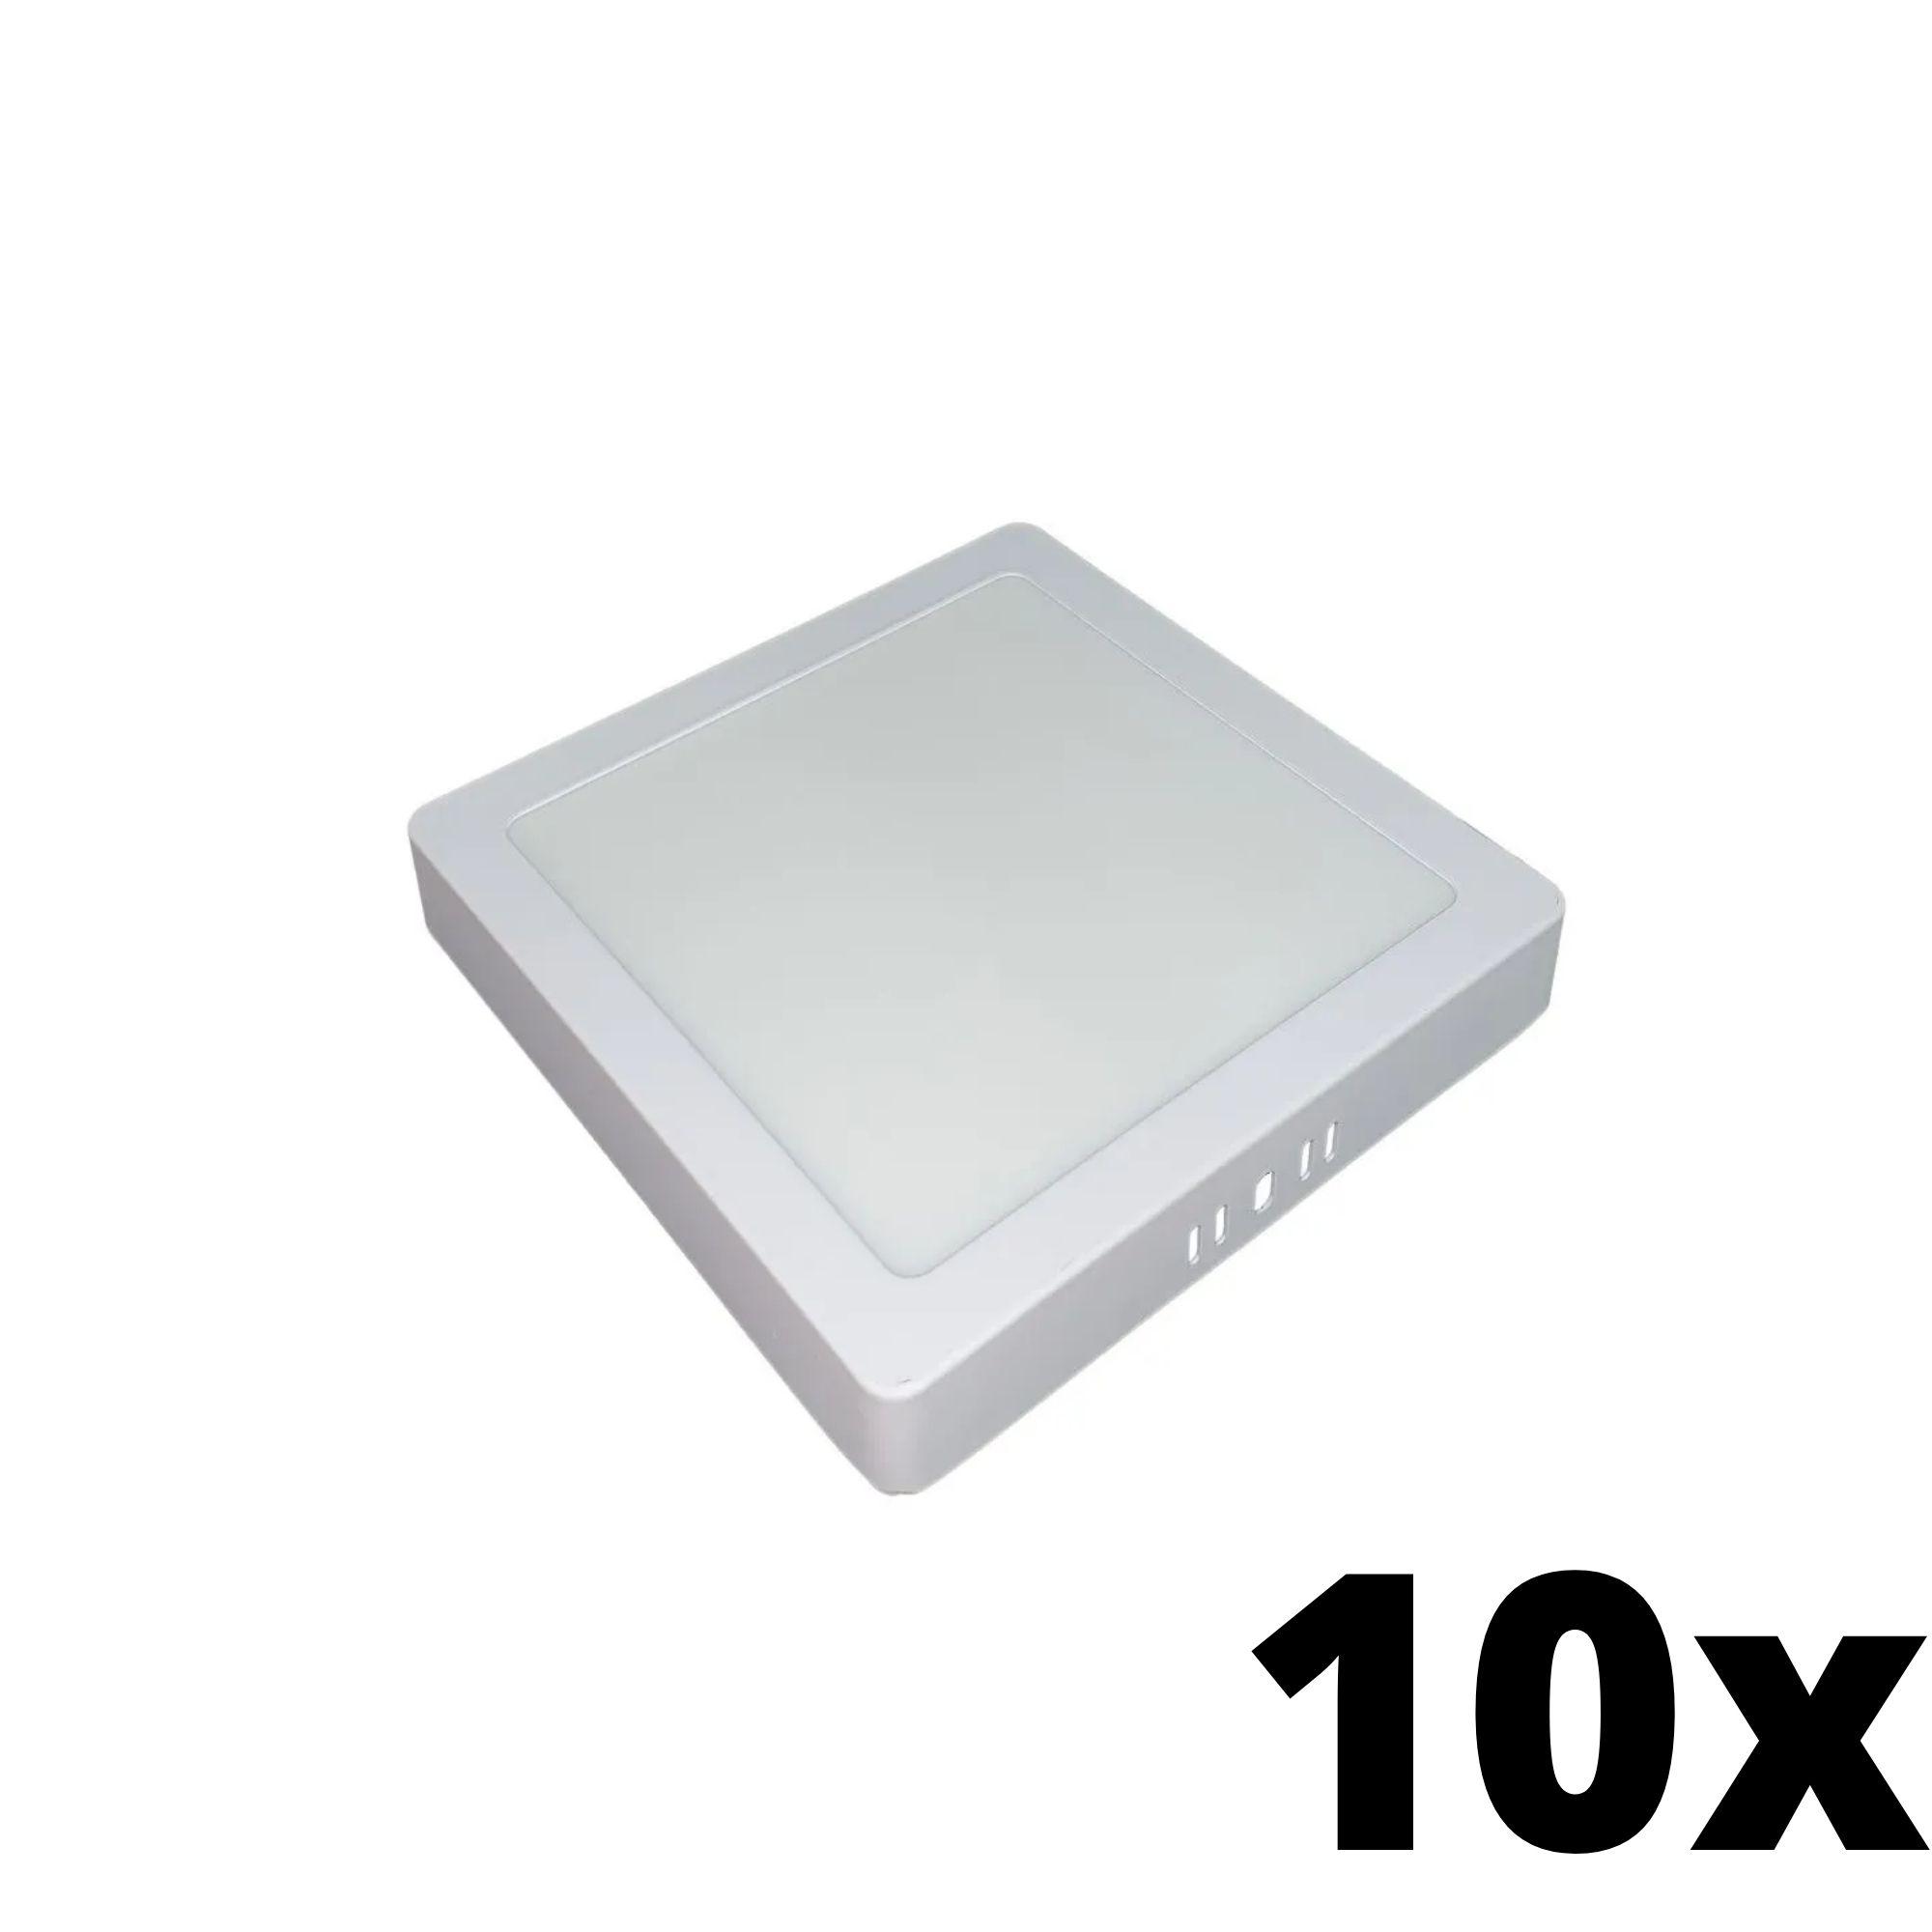 Kit 10 und Painel de Led Sobrepor 18w Quadrado 3000k